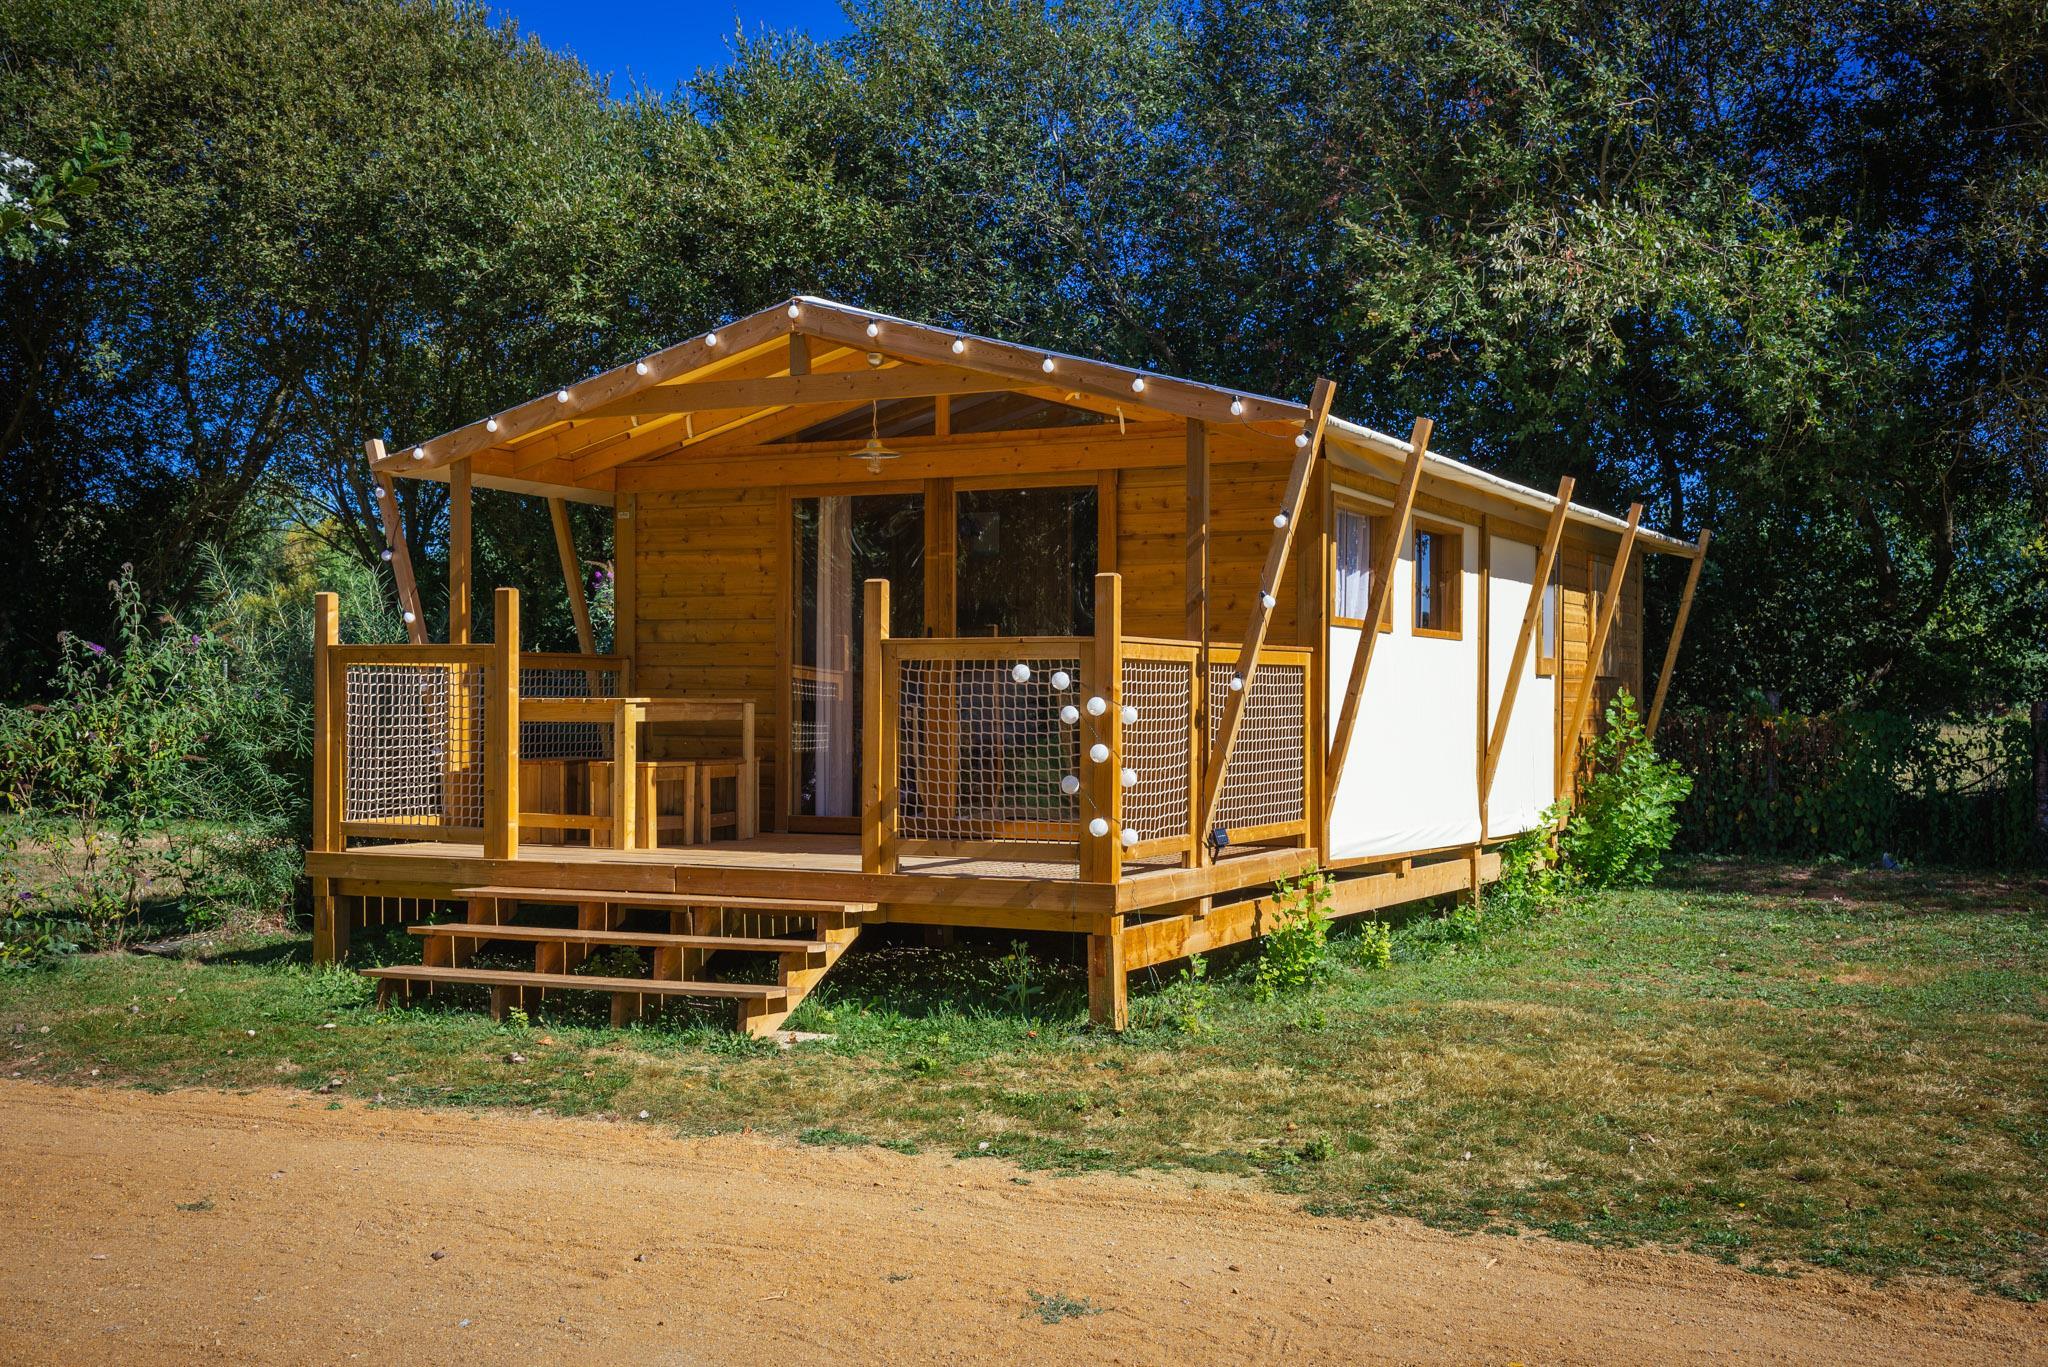 Location - Chalet Premium (2 Chambres) 32M² (Avec Sanitaires) - Camping Sites et Paysages Domaine de L'Étang